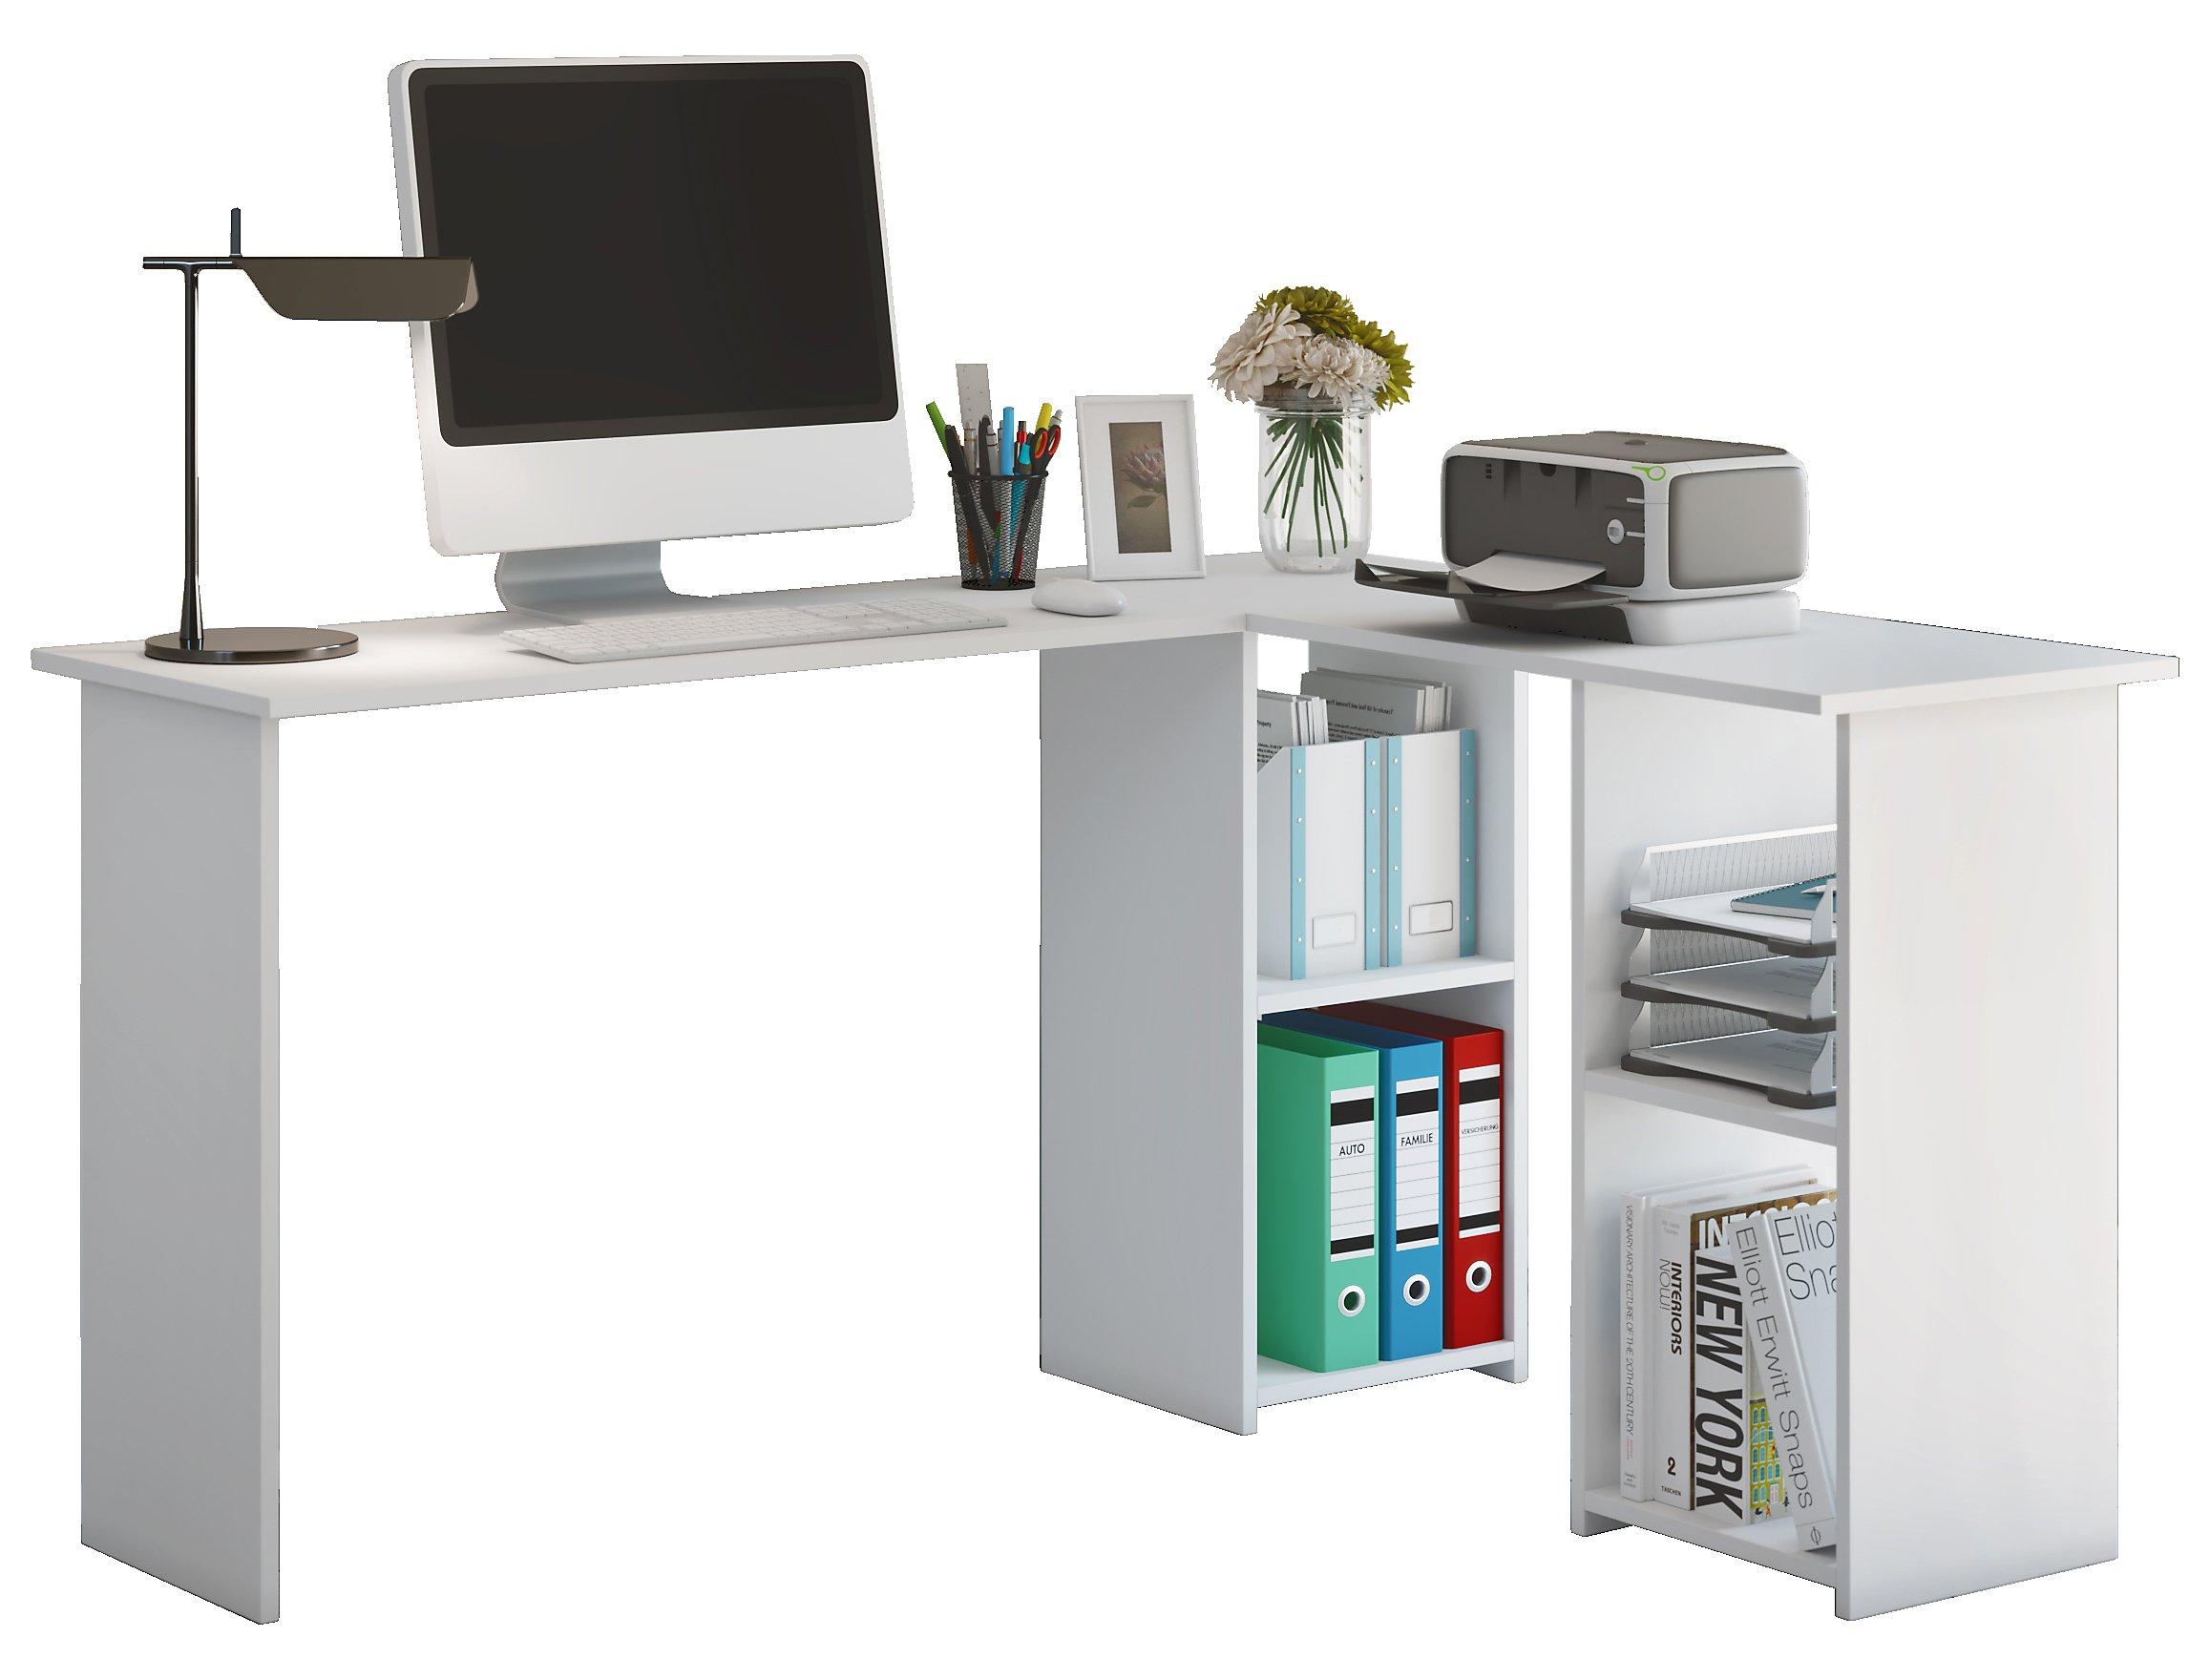 Buro Schreibtisch Dekorieren – Caseconrad.com